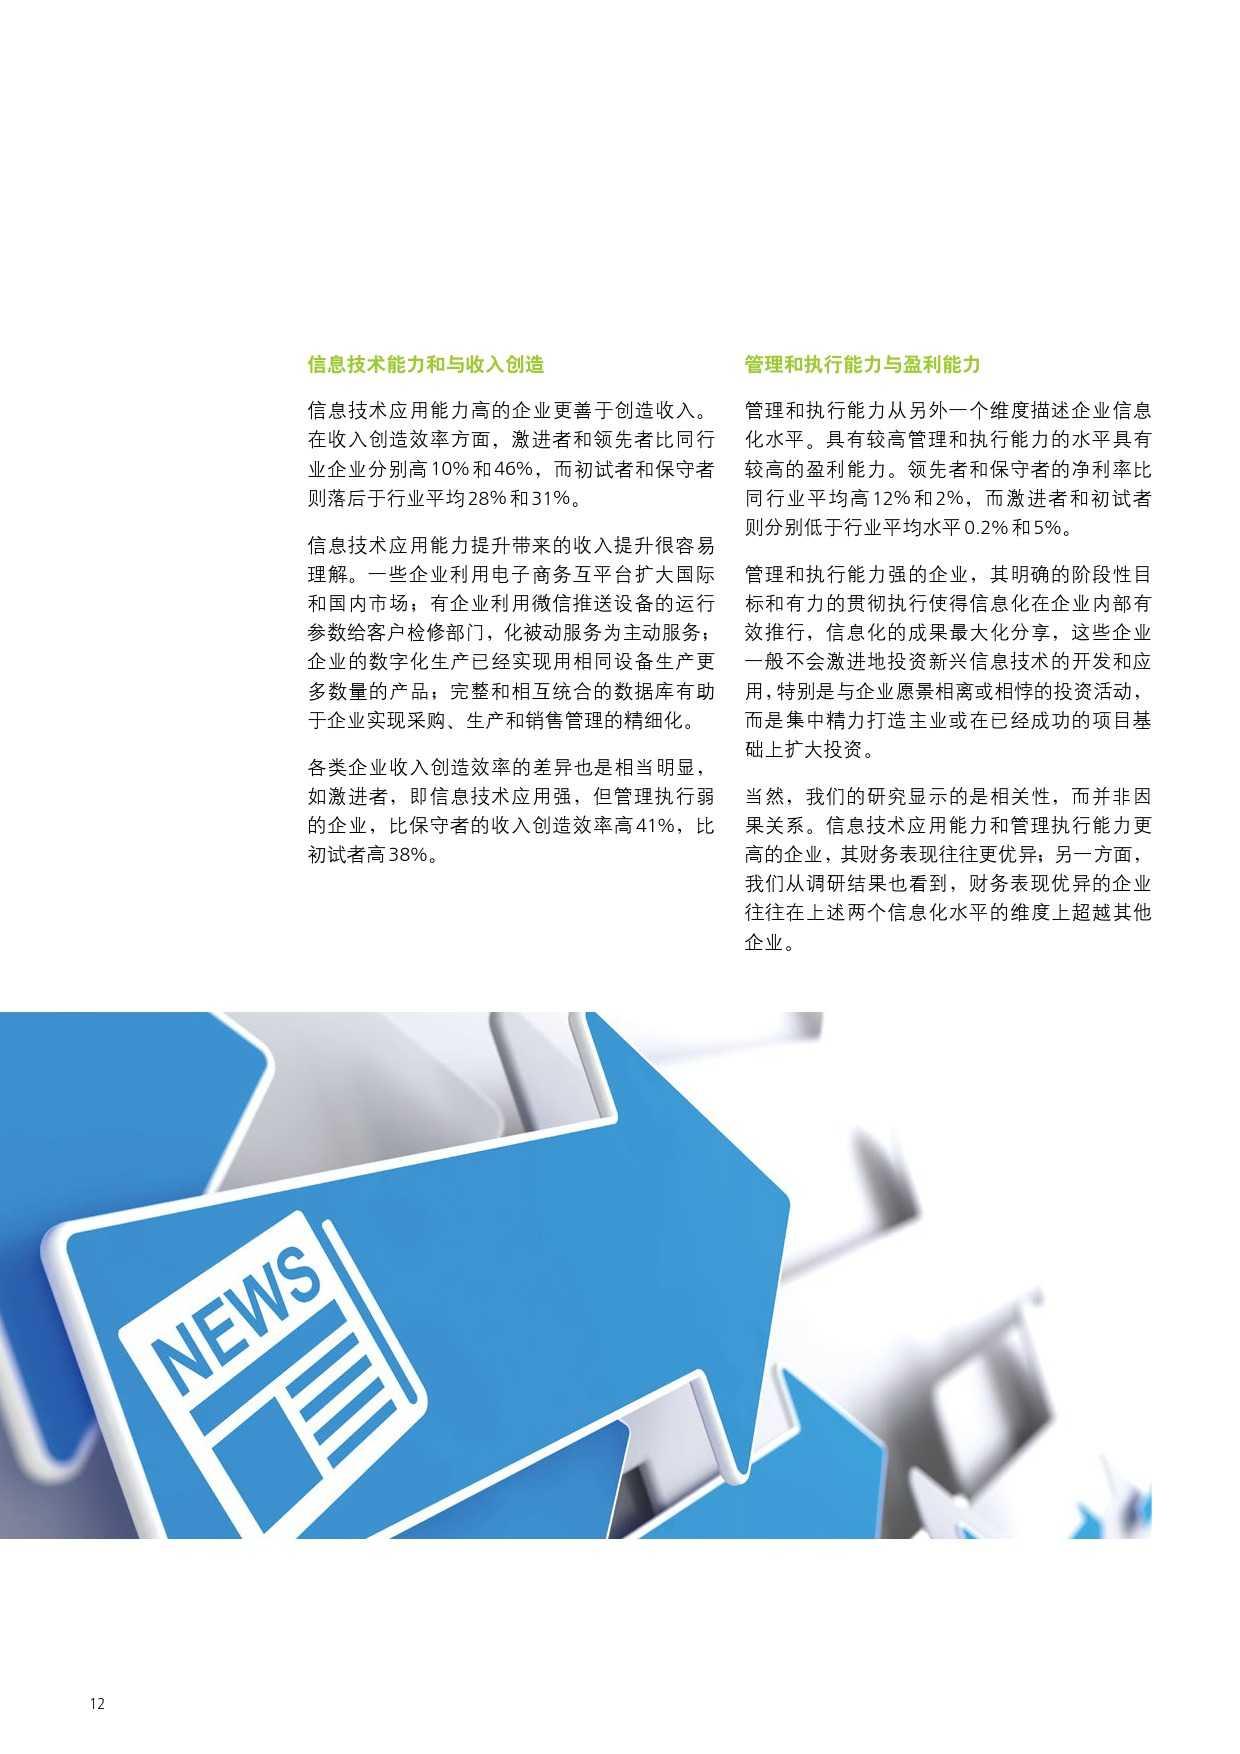 2015年中国制造业企业信息化调查_000014